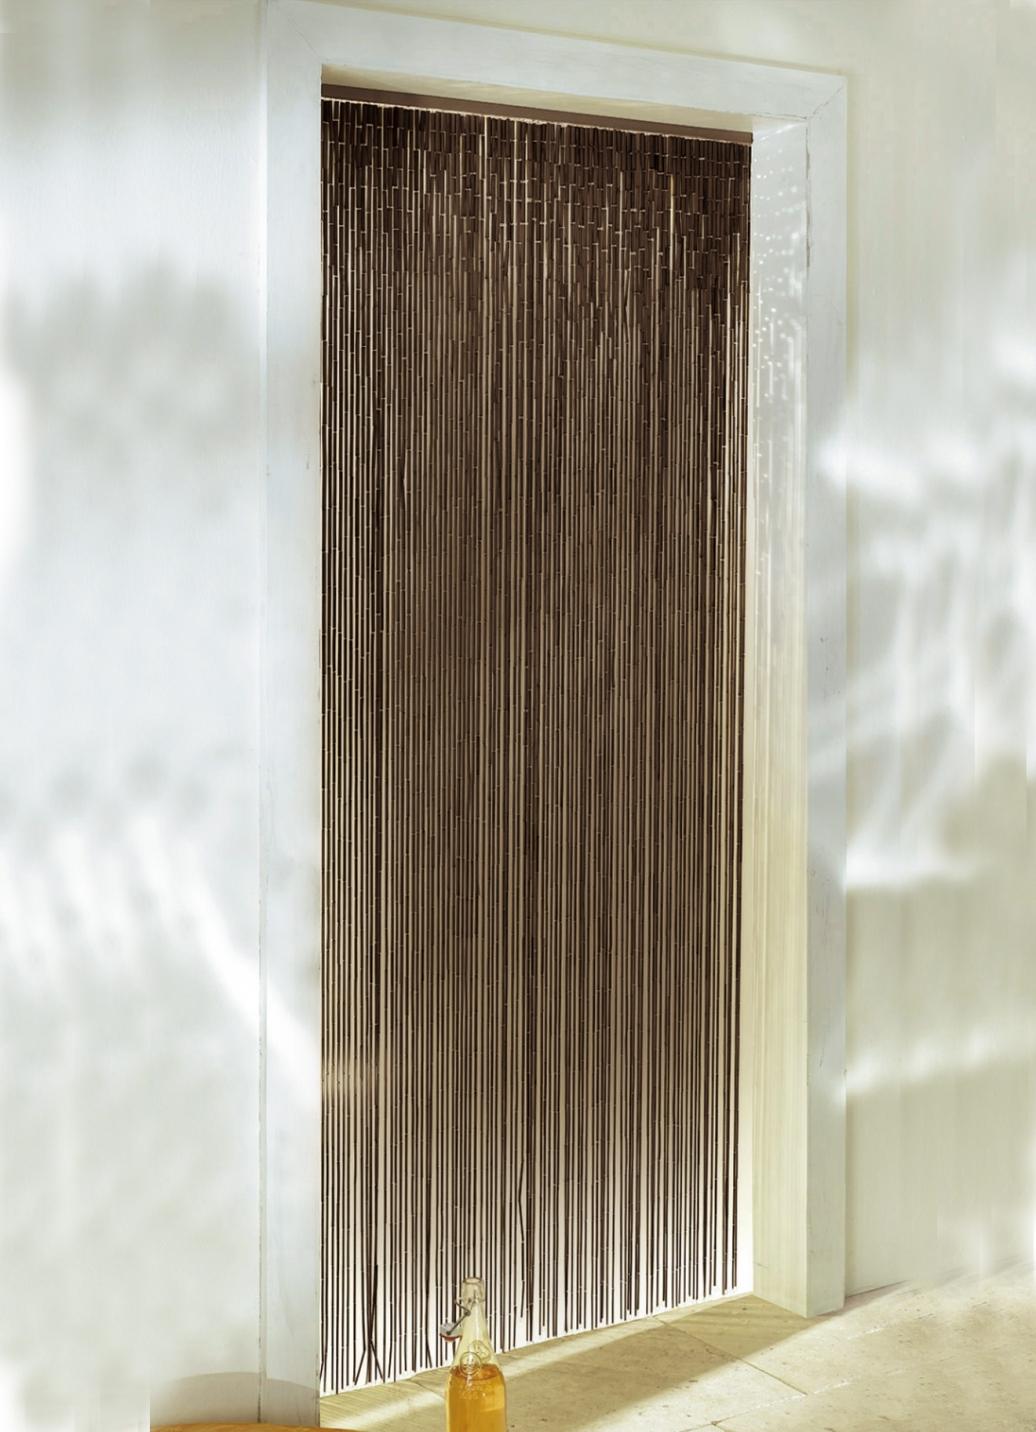 bambus vorhang in 2 farben sichtschutz und sonnenschutz. Black Bedroom Furniture Sets. Home Design Ideas